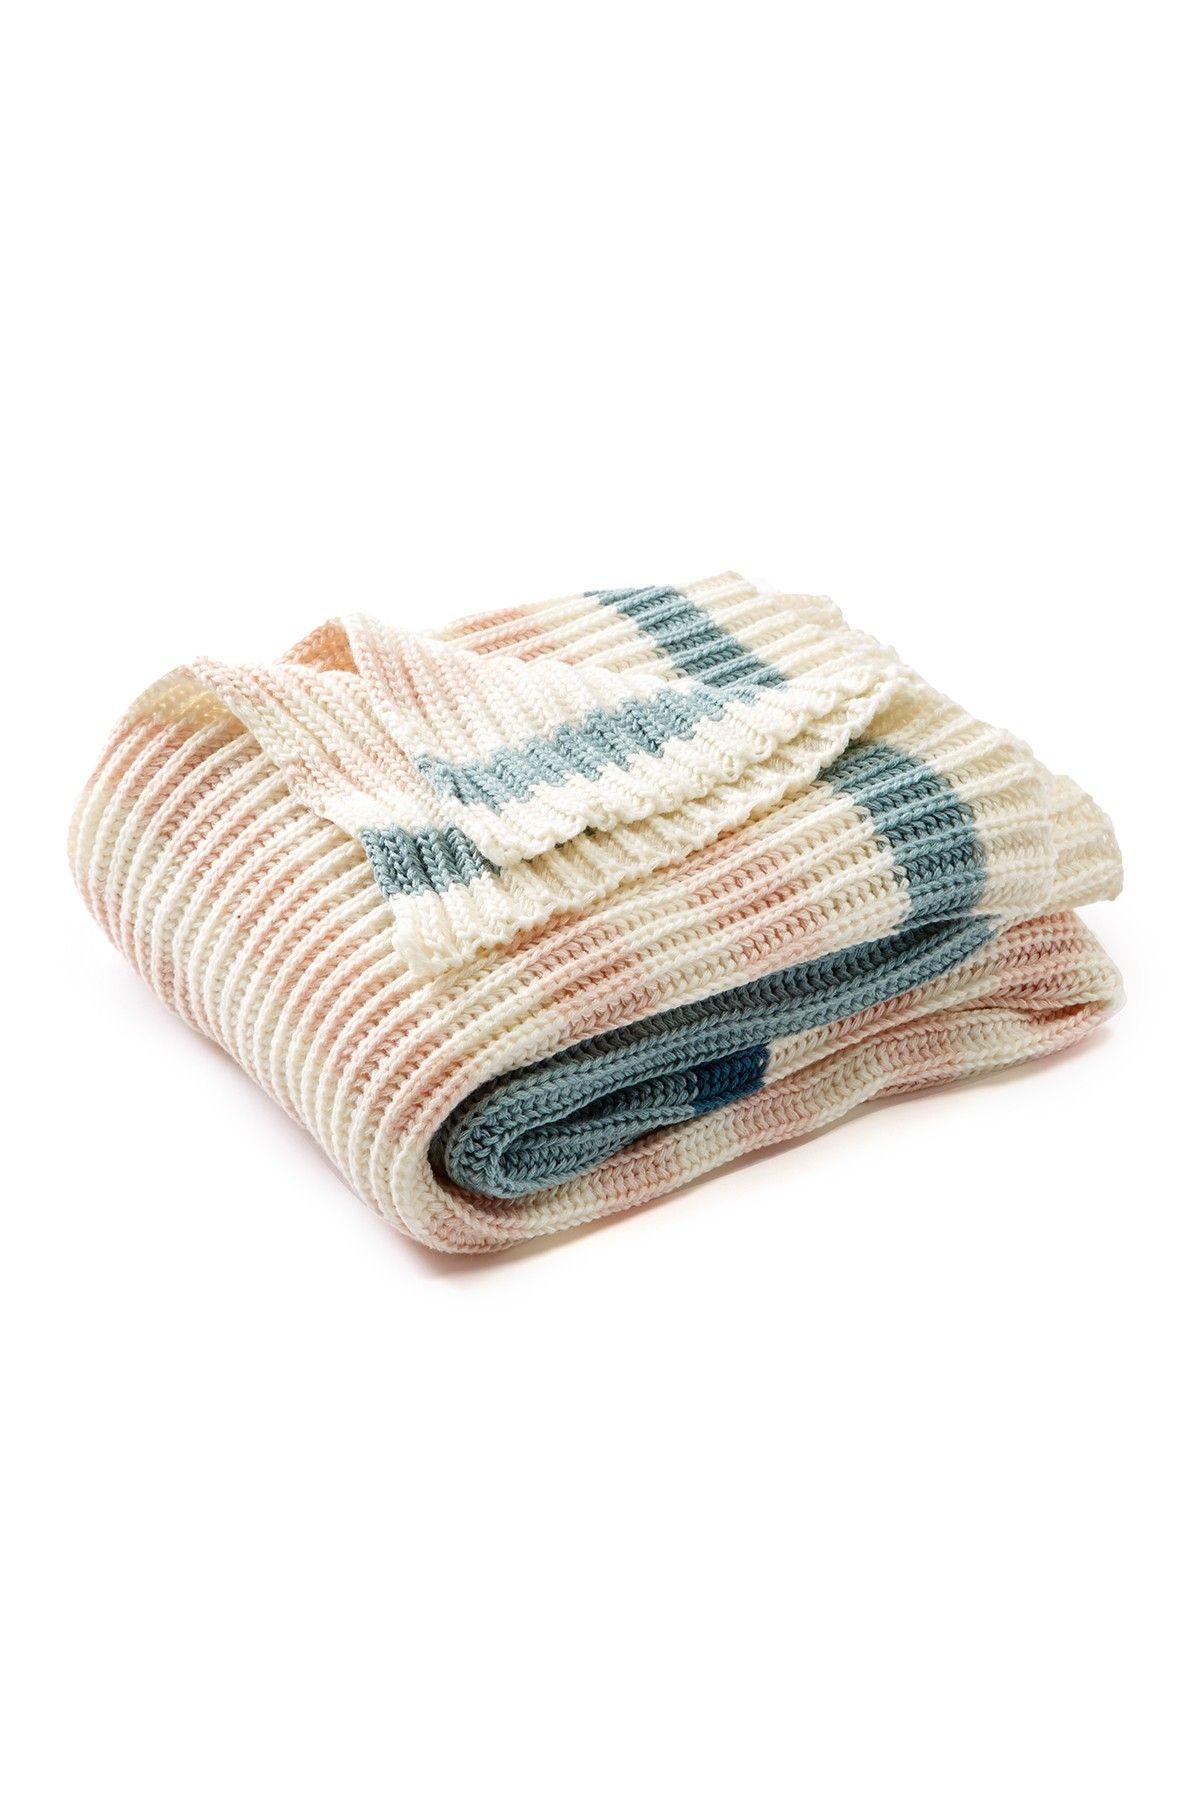 Nordstrom Rack Knit Marled Yarn Throw - 50\\\\ x60\\\\